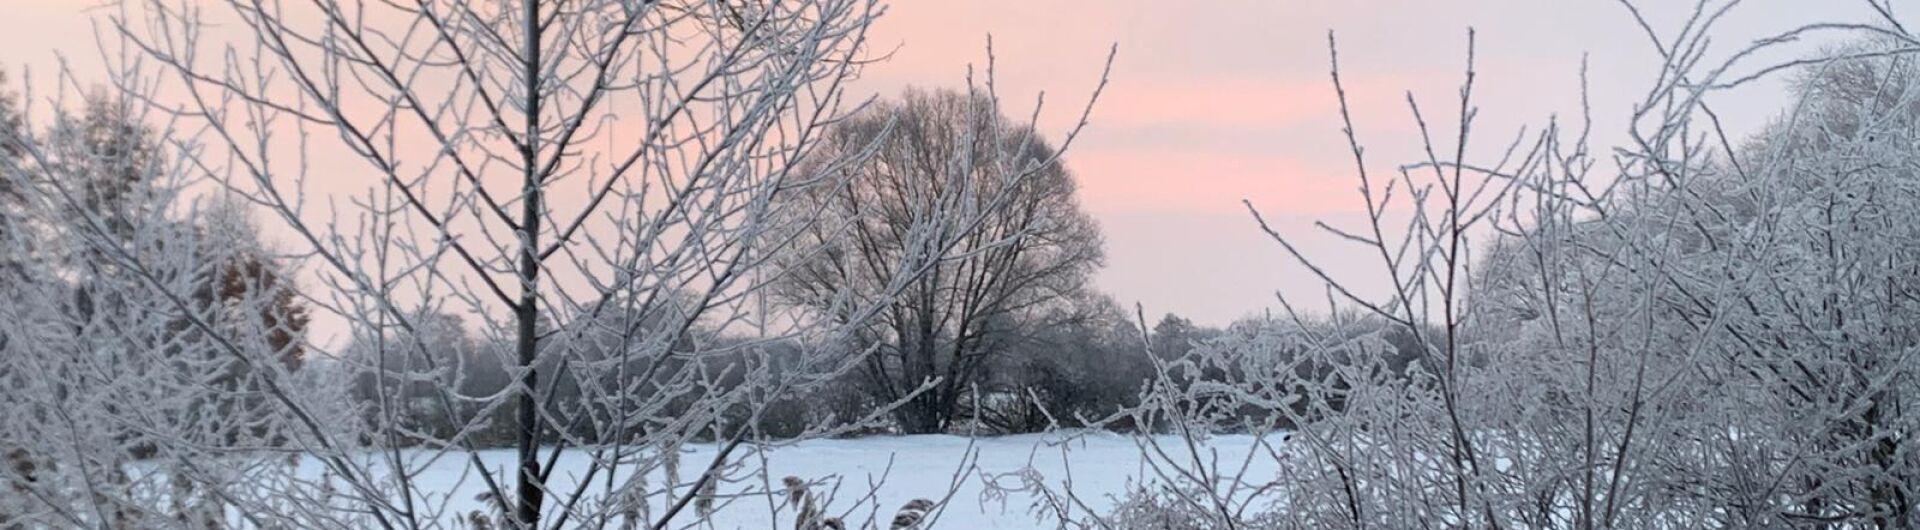 Winter 09.02.2021, Fotorechte: A. Wille